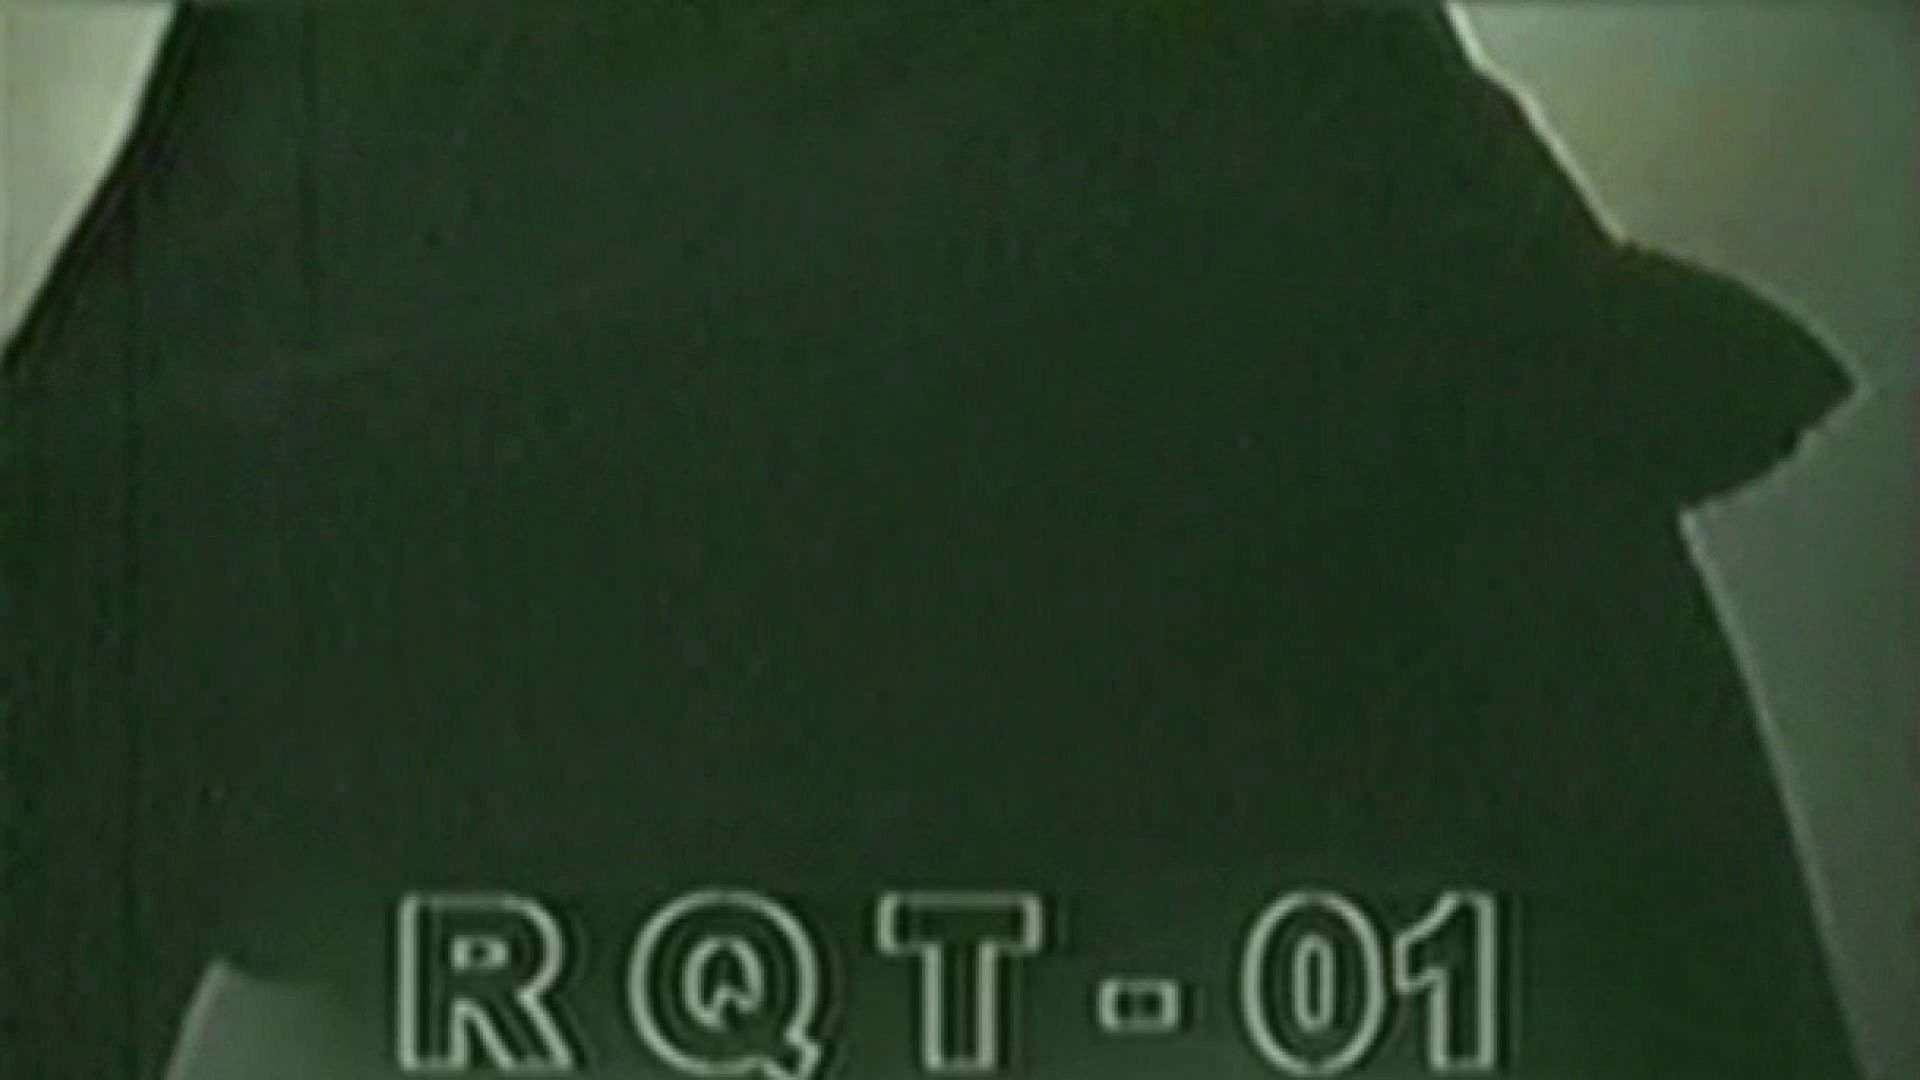 お姉さんの恥便所盗撮! Vol.2 OLエロ画像 盗撮ヌード画像 89PICs 27